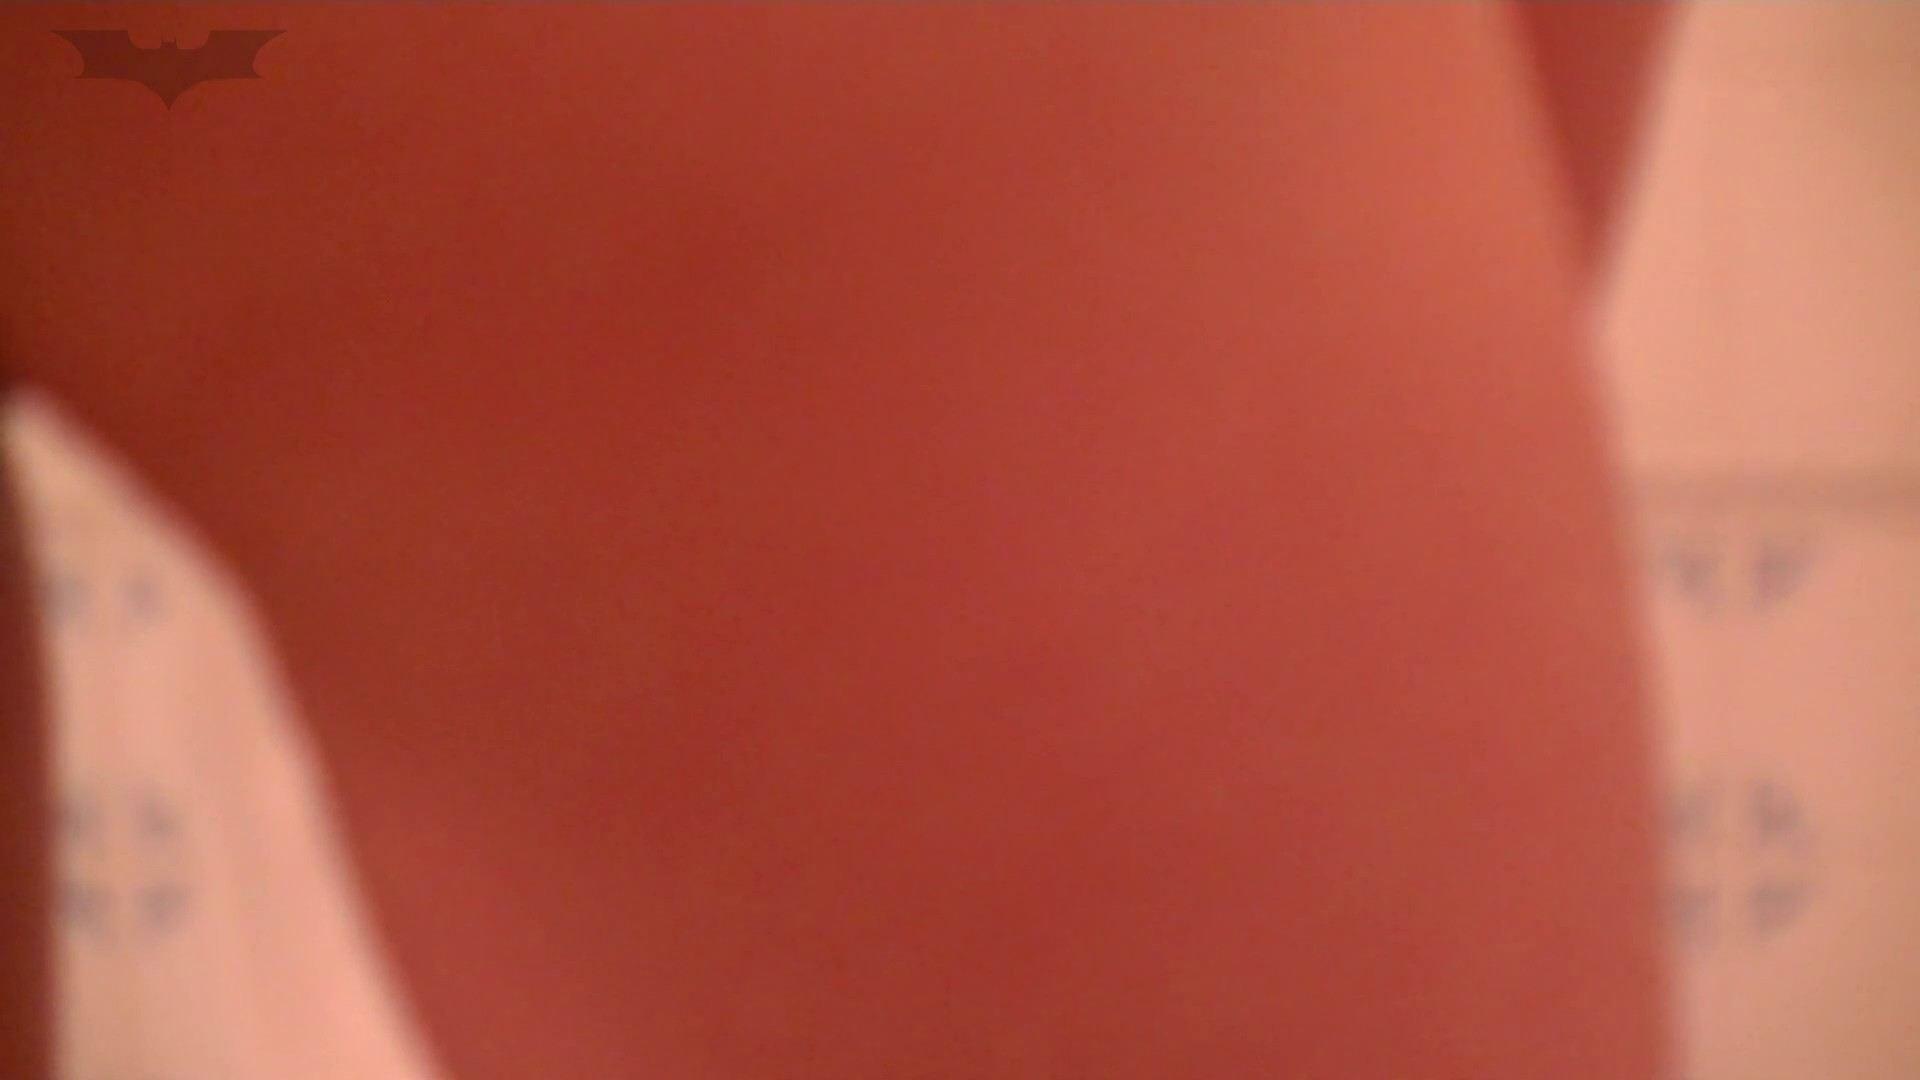 期間限定 闇の花道Vol.10 影対姪っ子絶対ダメな調教関係Vol.04 いじくり ヌード画像 81枚 15